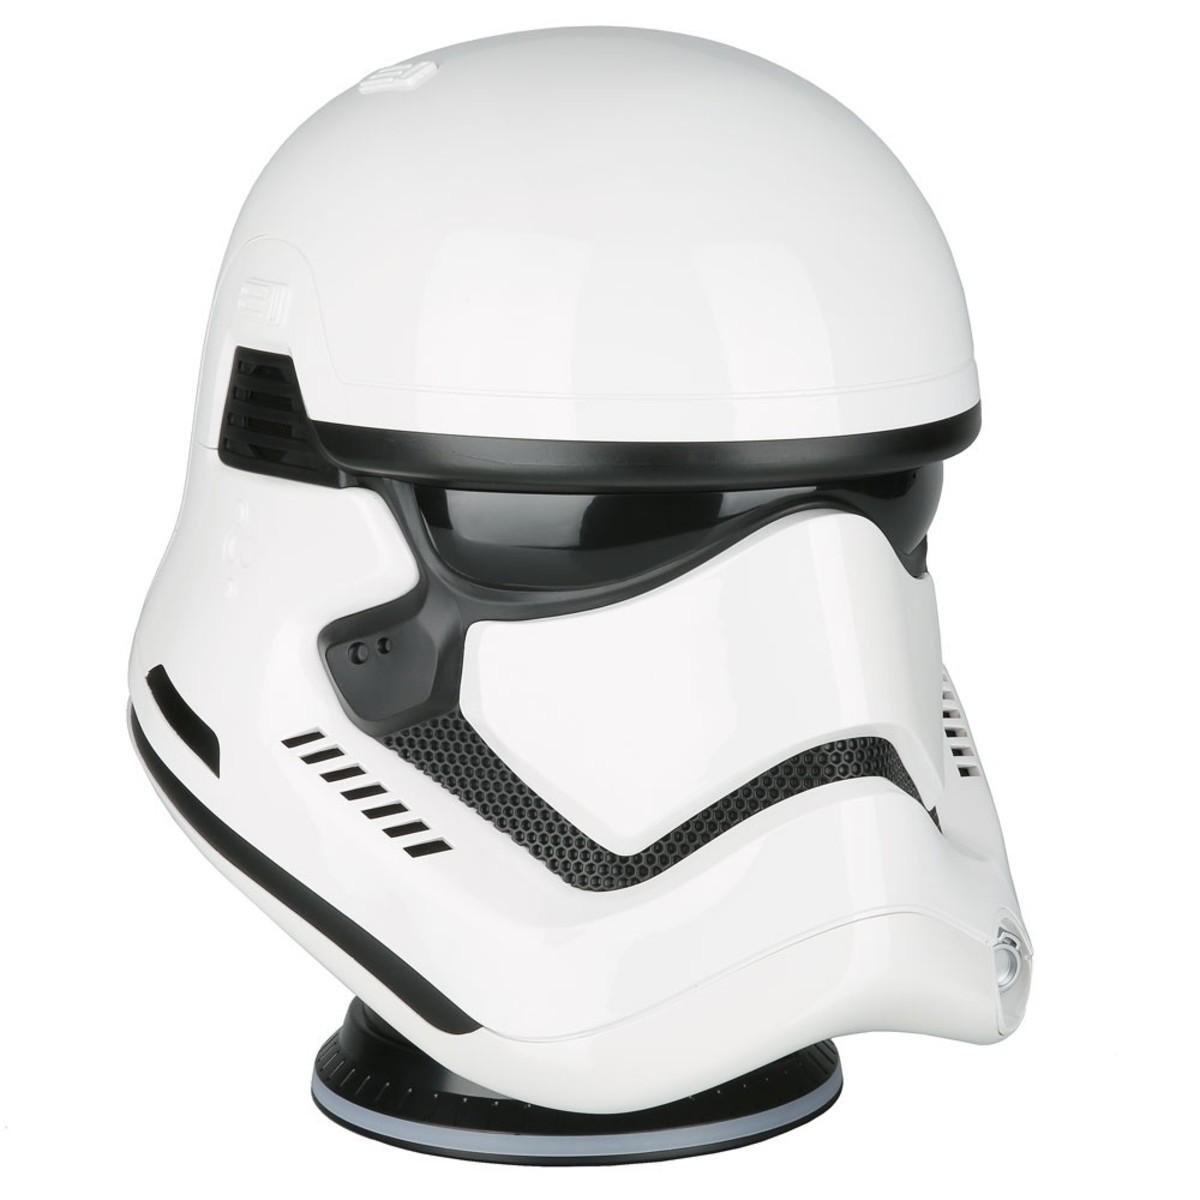 Bild 2 von Bluetooth-Lautsprecher Star Wars